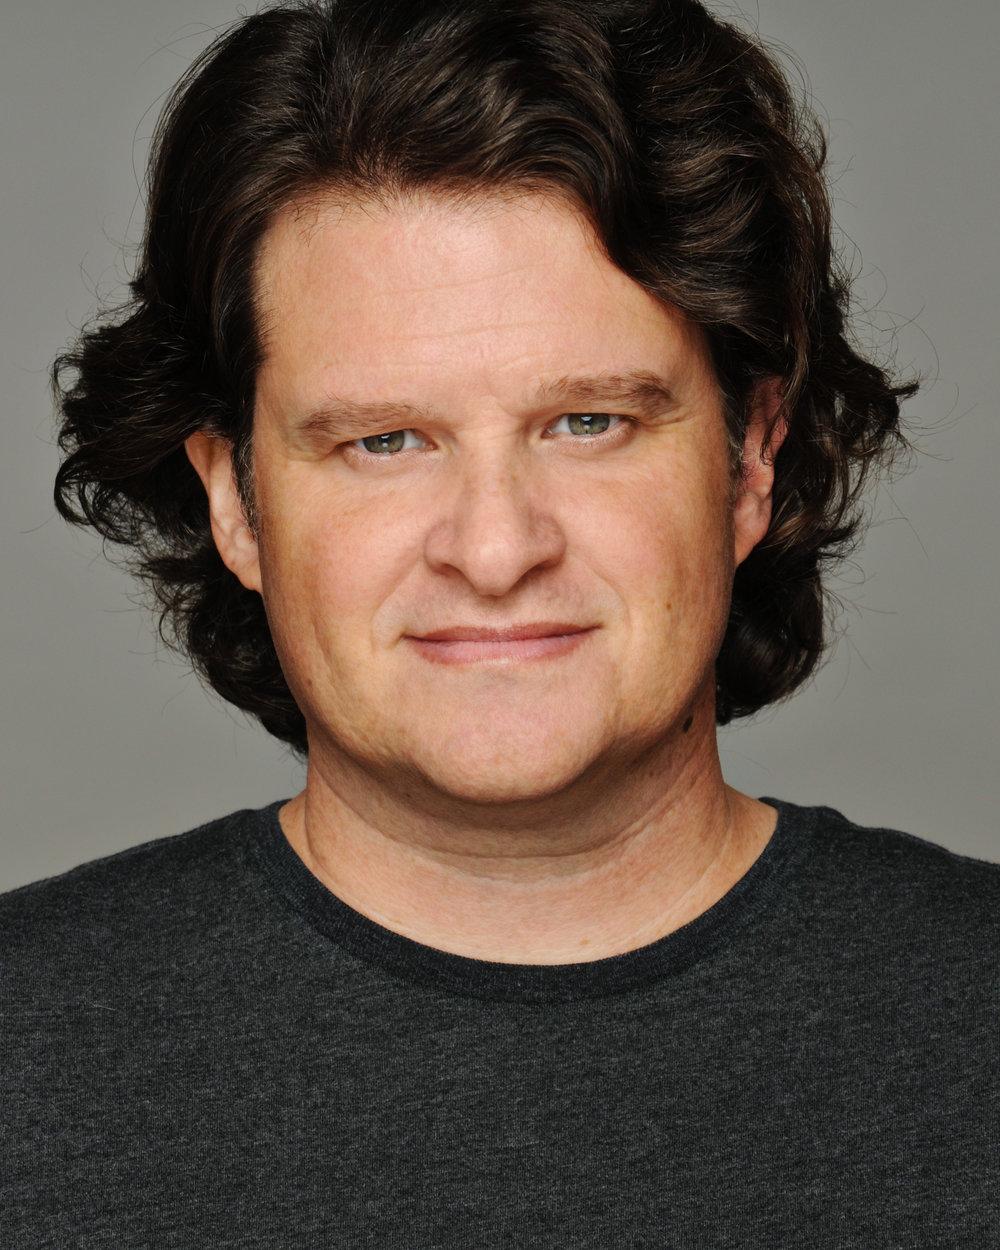 msdigphoto-actor-headshot-8x10D-Wilkerson_091.jpg